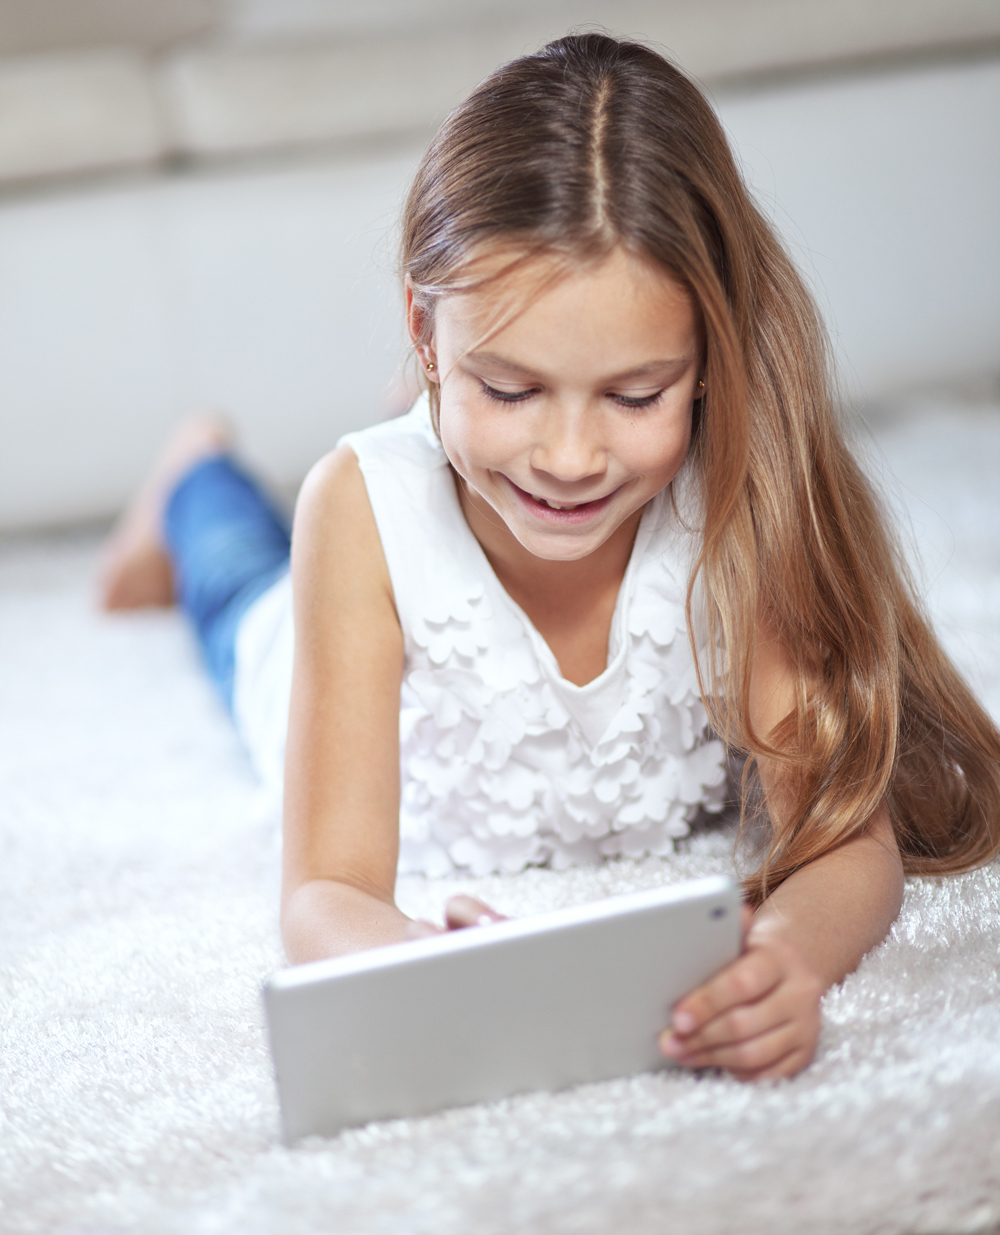 Acceso guiado: Configurar ipad iphone para niños